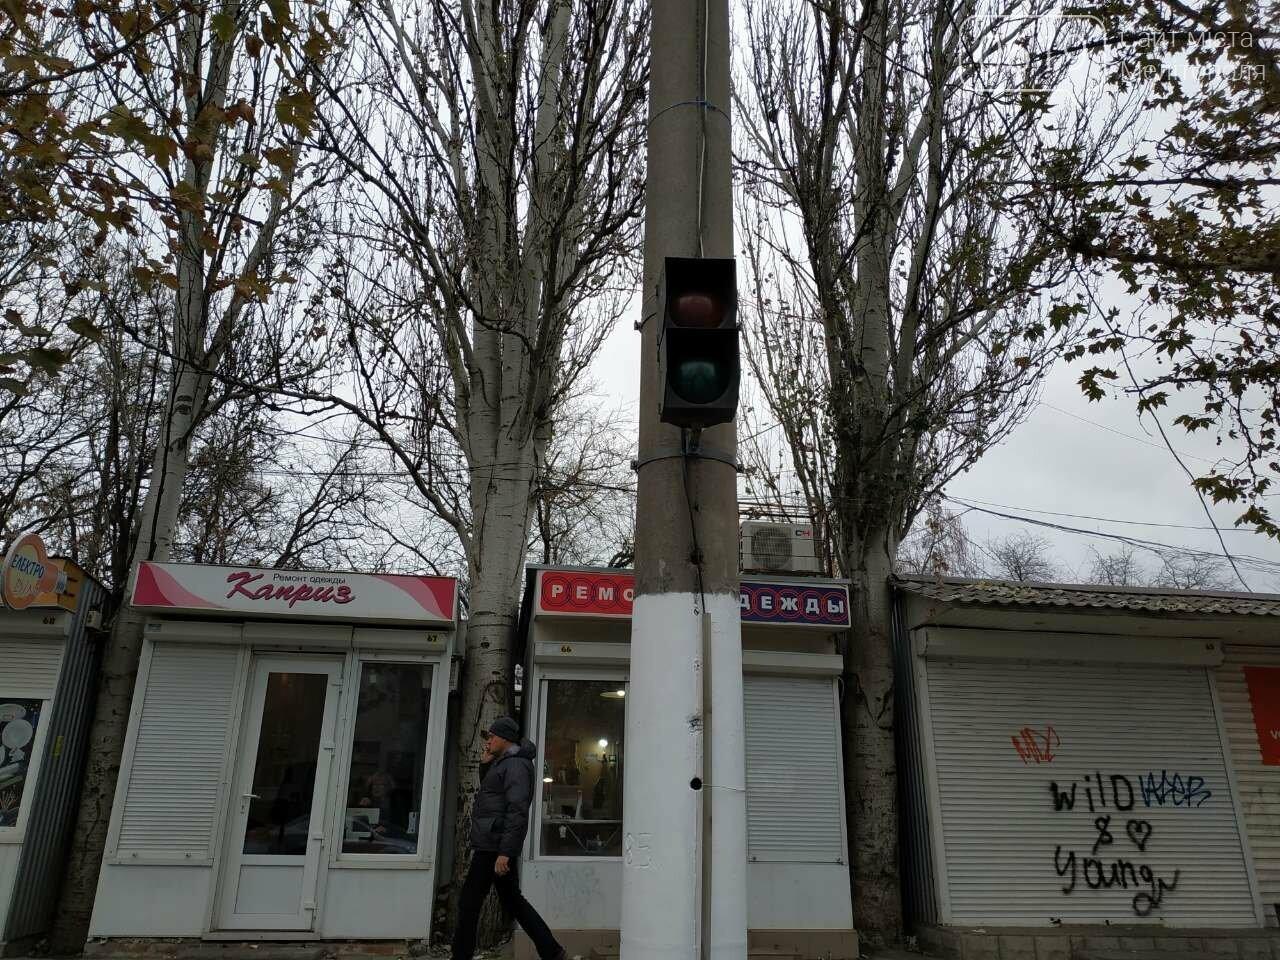 В Мелитополе установили еще один светофор , фото-2, Фото сайта 0619